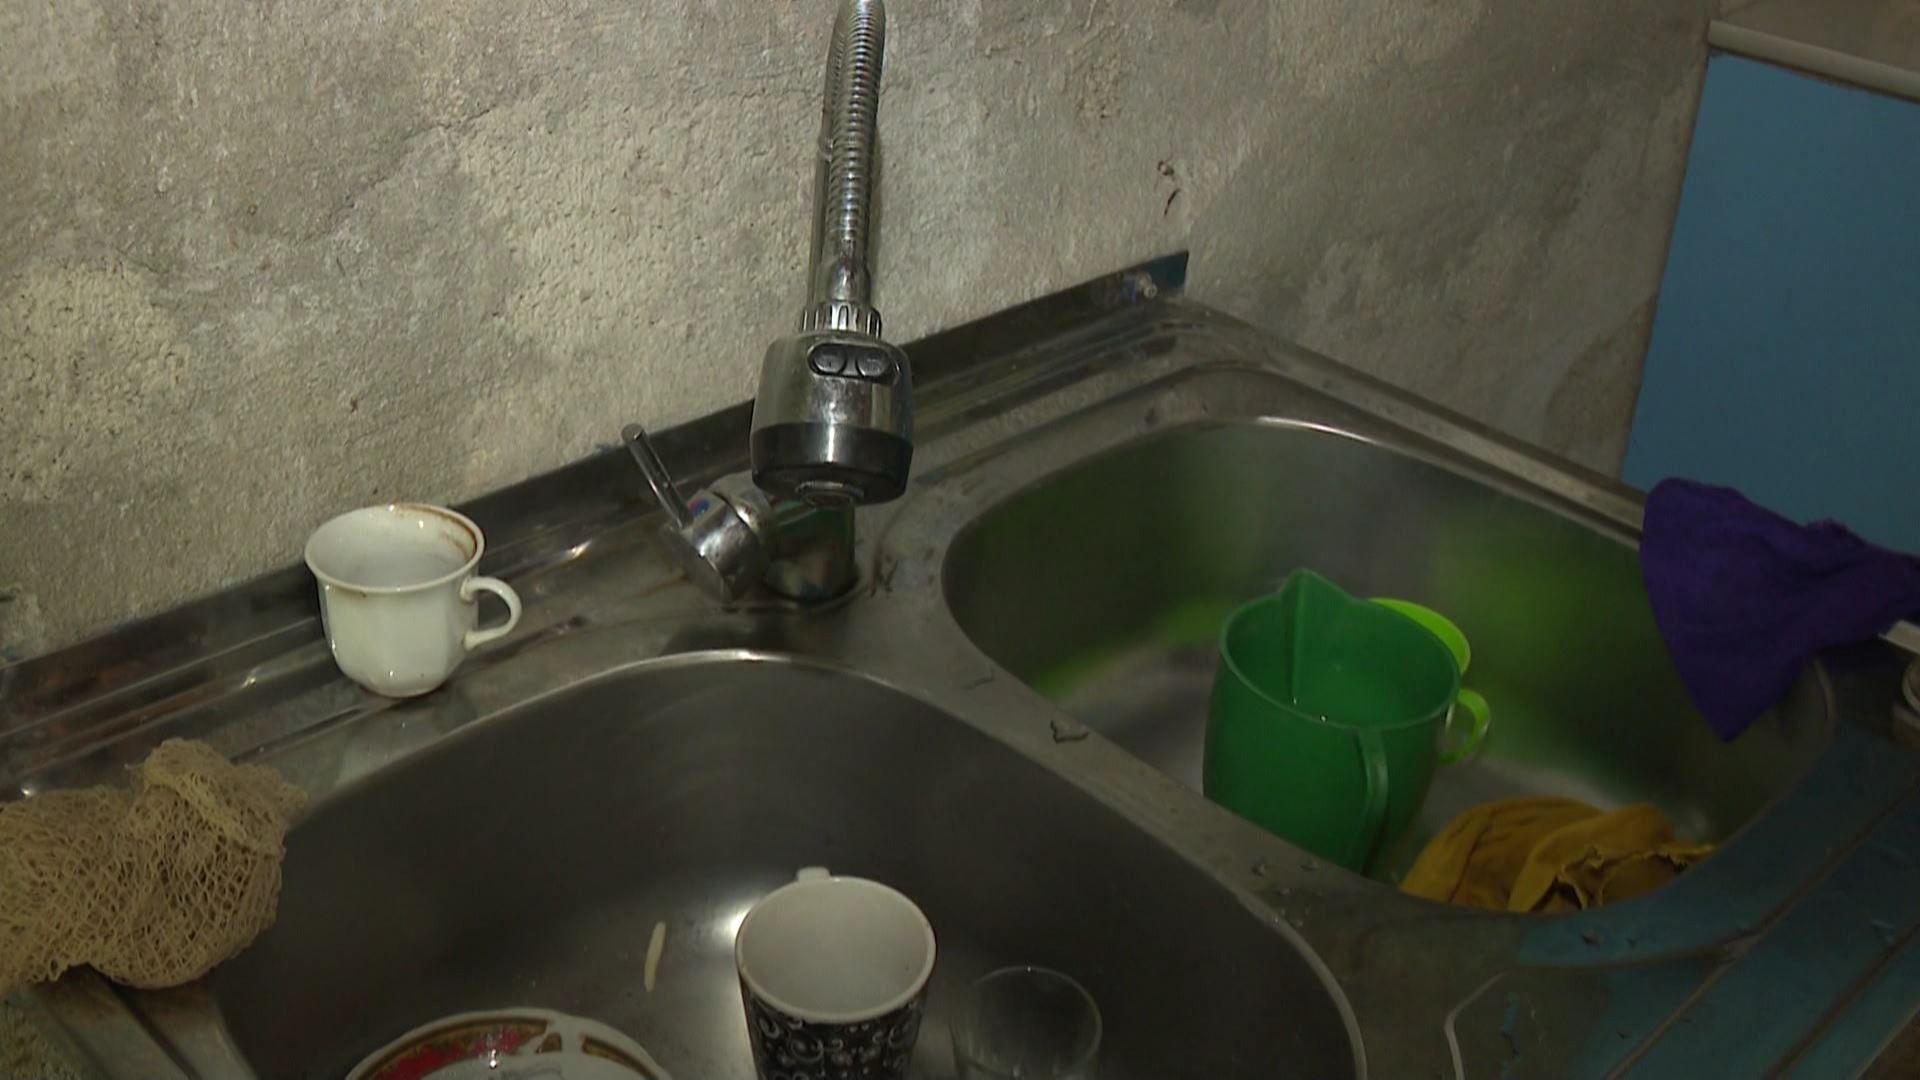 სოფელ ჯიხანჯურის მოსახლეობას ორი დღეა სასმელი წყალი არ მიეწოდება